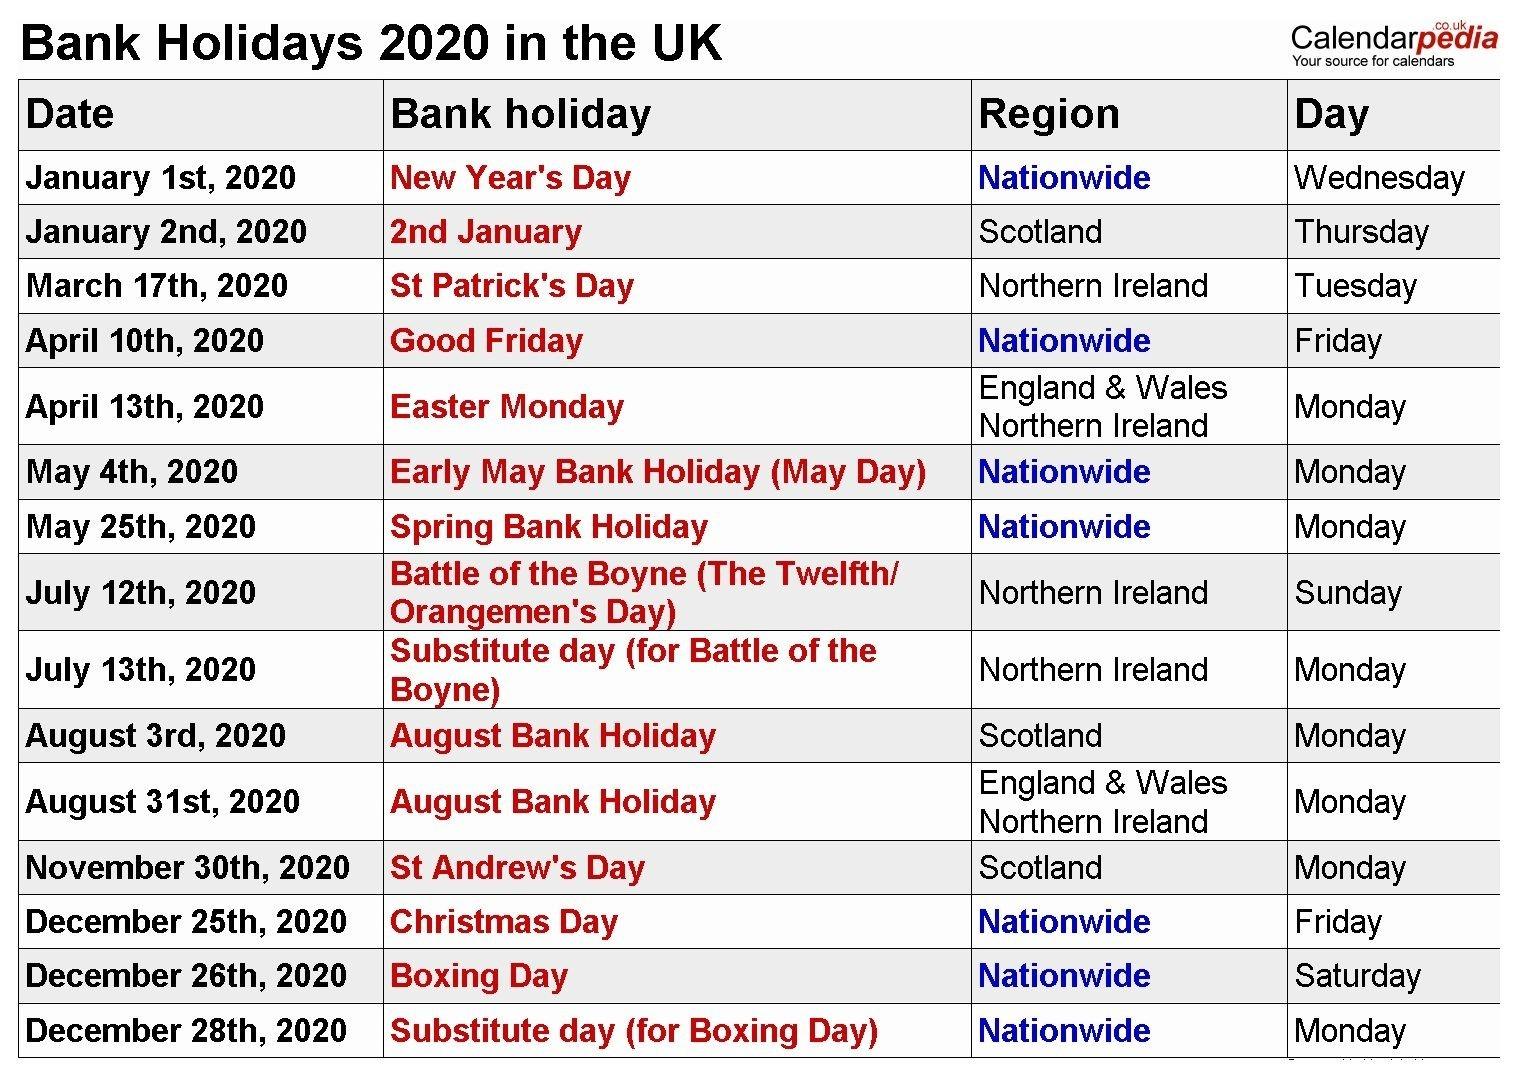 2020 Uk Bank Holidays Calendar | 2020 Calendars | Bank-2020 Calendar With Uk Bank Holidays